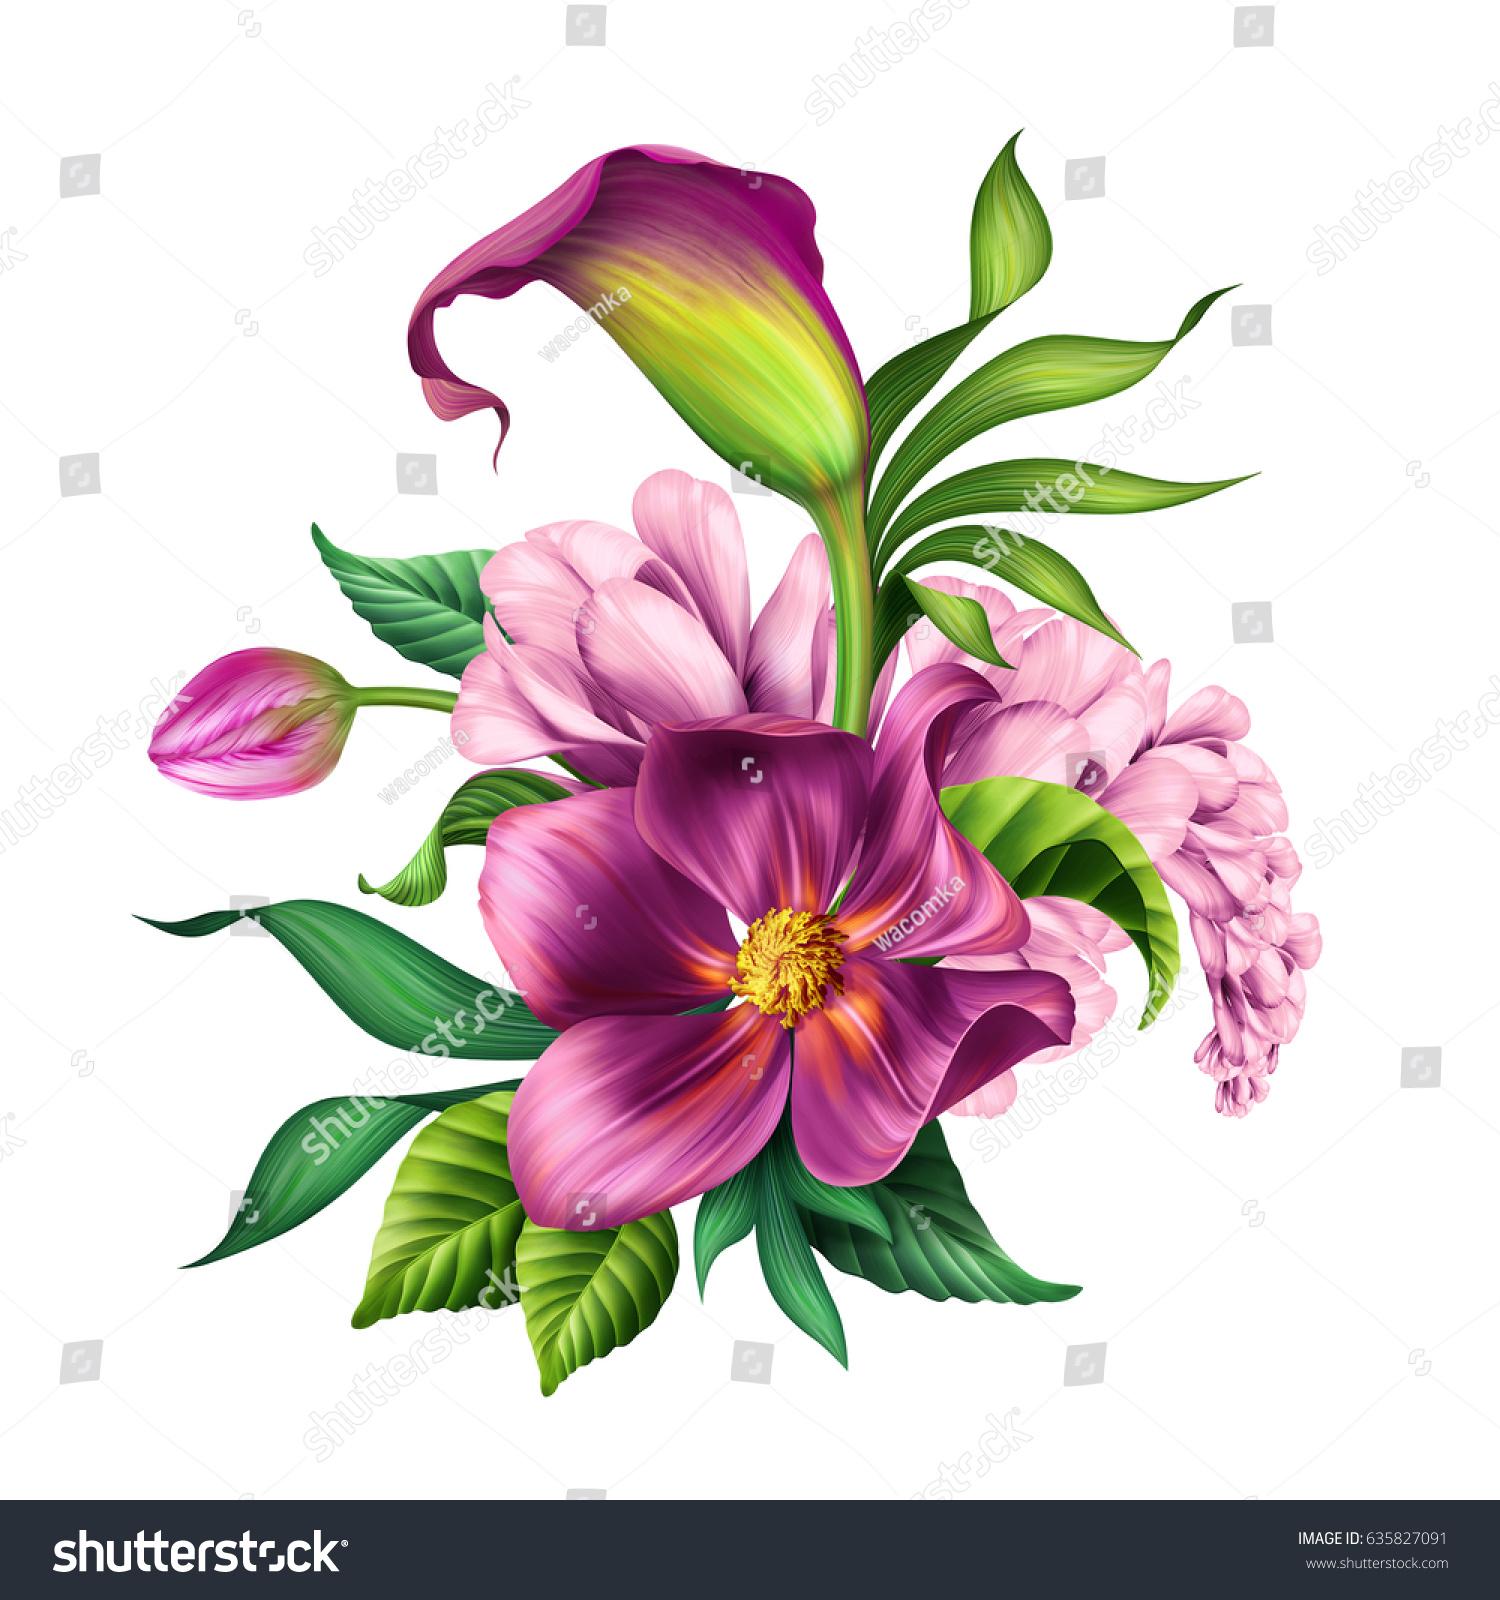 Botanical illustration beautiful tropical flowers bouquet stock botanical illustration beautiful tropical flowers bouquet arrangement floral clip art isolated on white izmirmasajfo